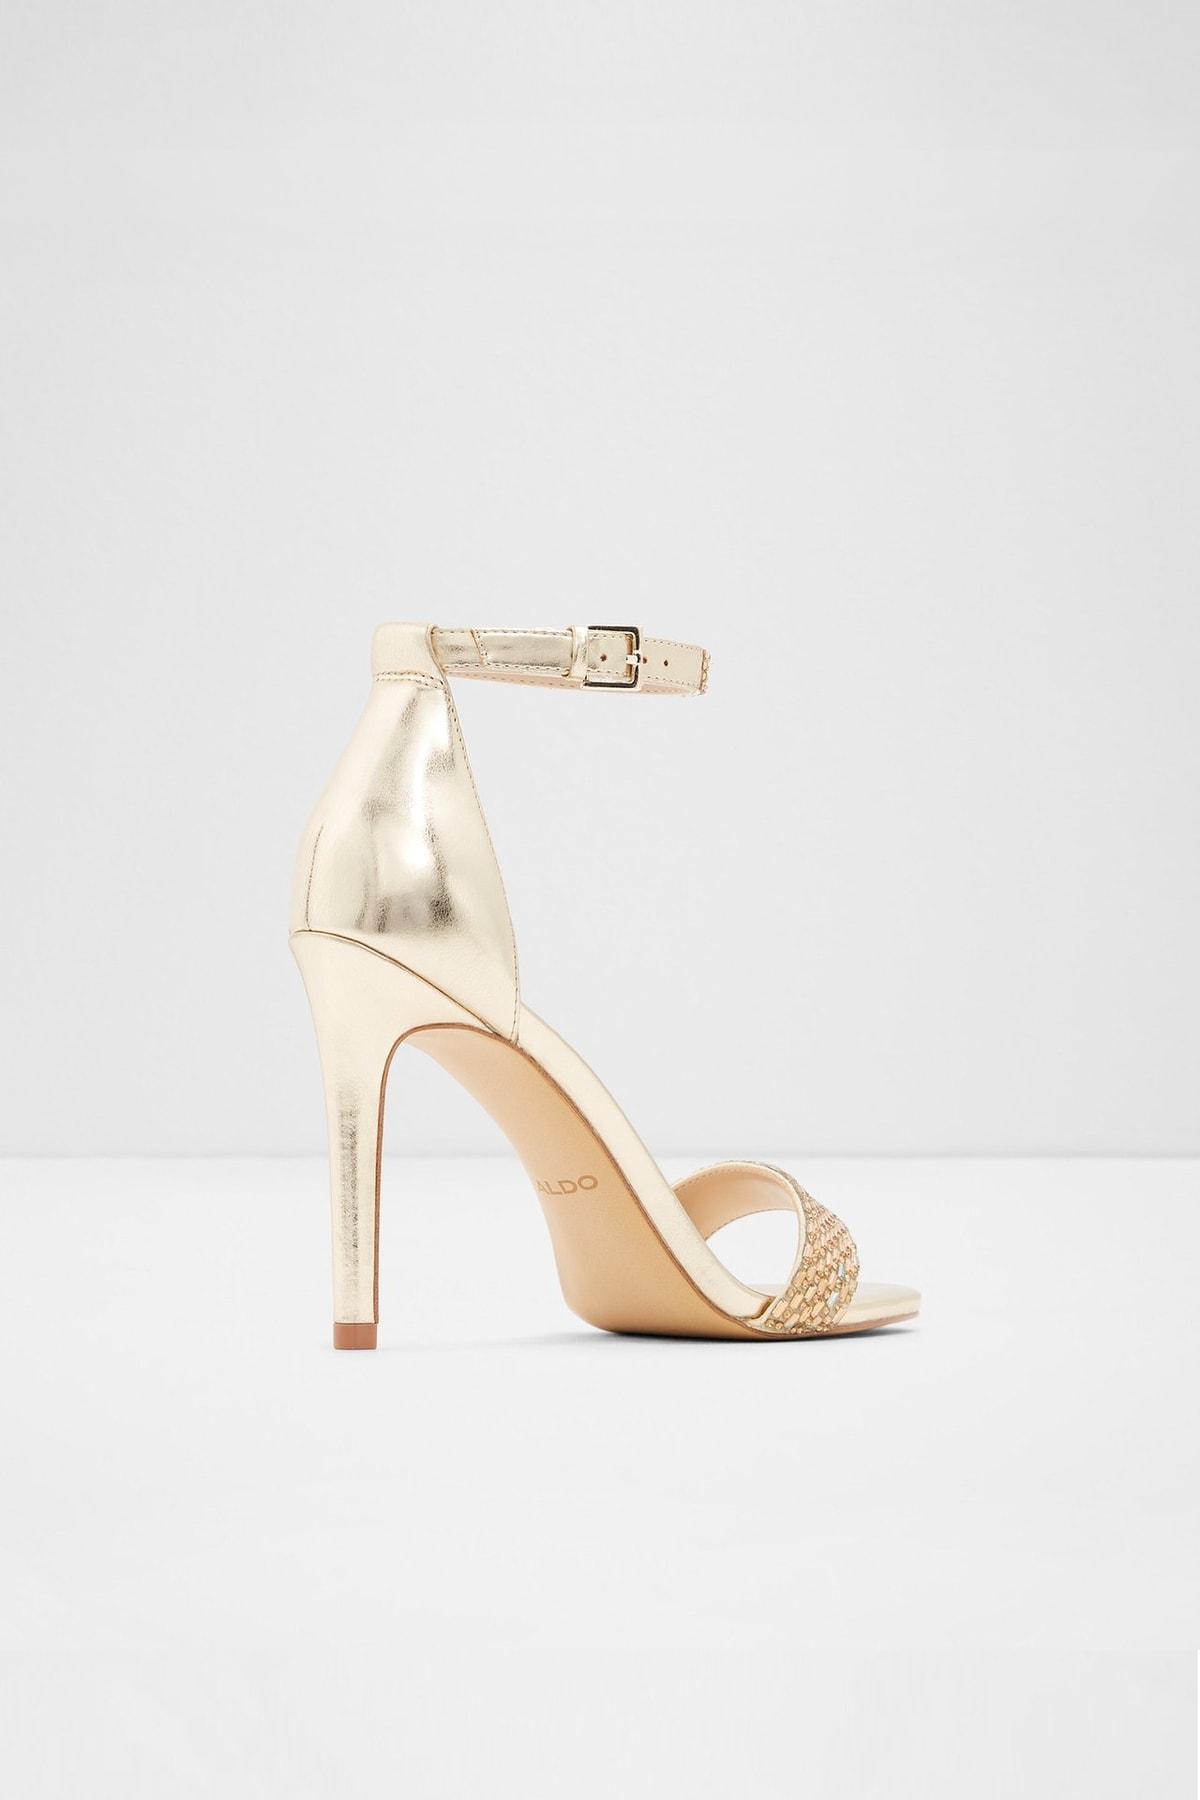 Aldo Kadın Altın Yüksek Topuklu Sandalet 2